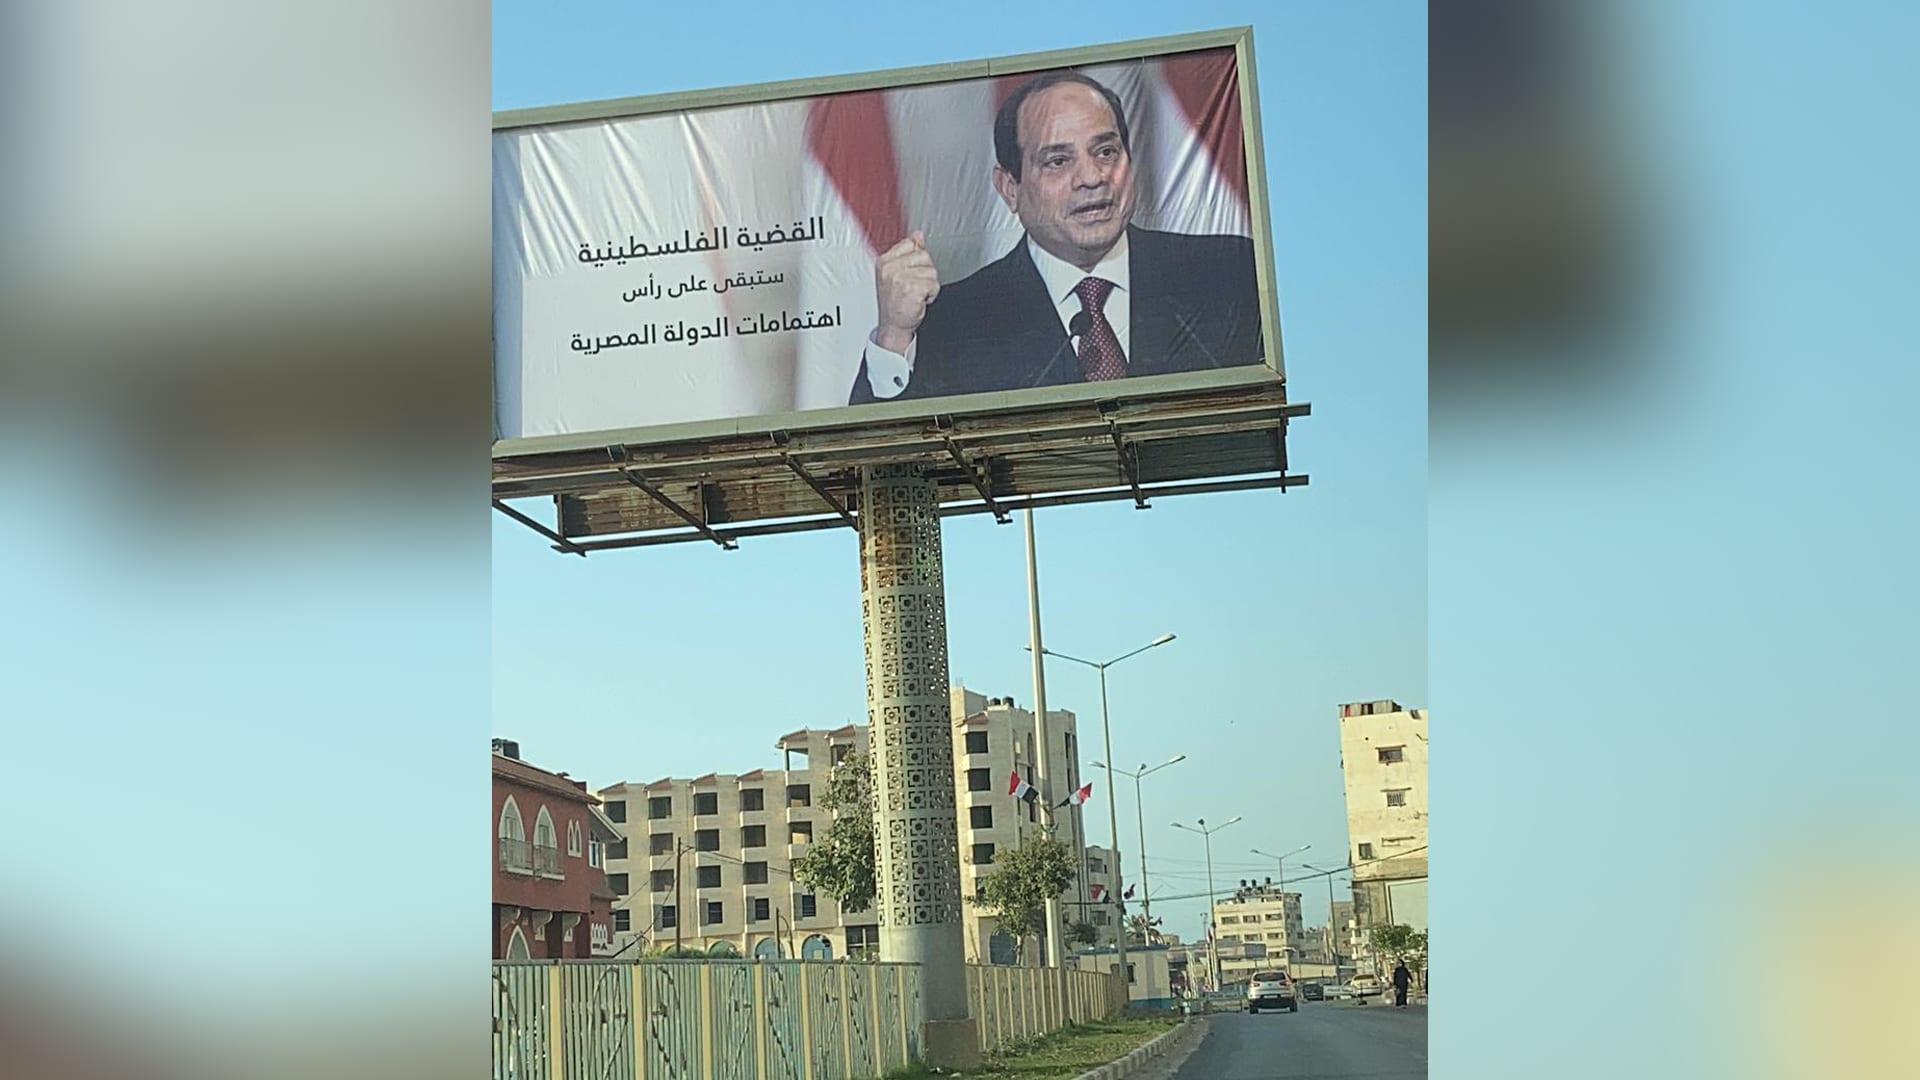 صور الرئيس المصري عبدالفتاح السيسي في قطاع غزة